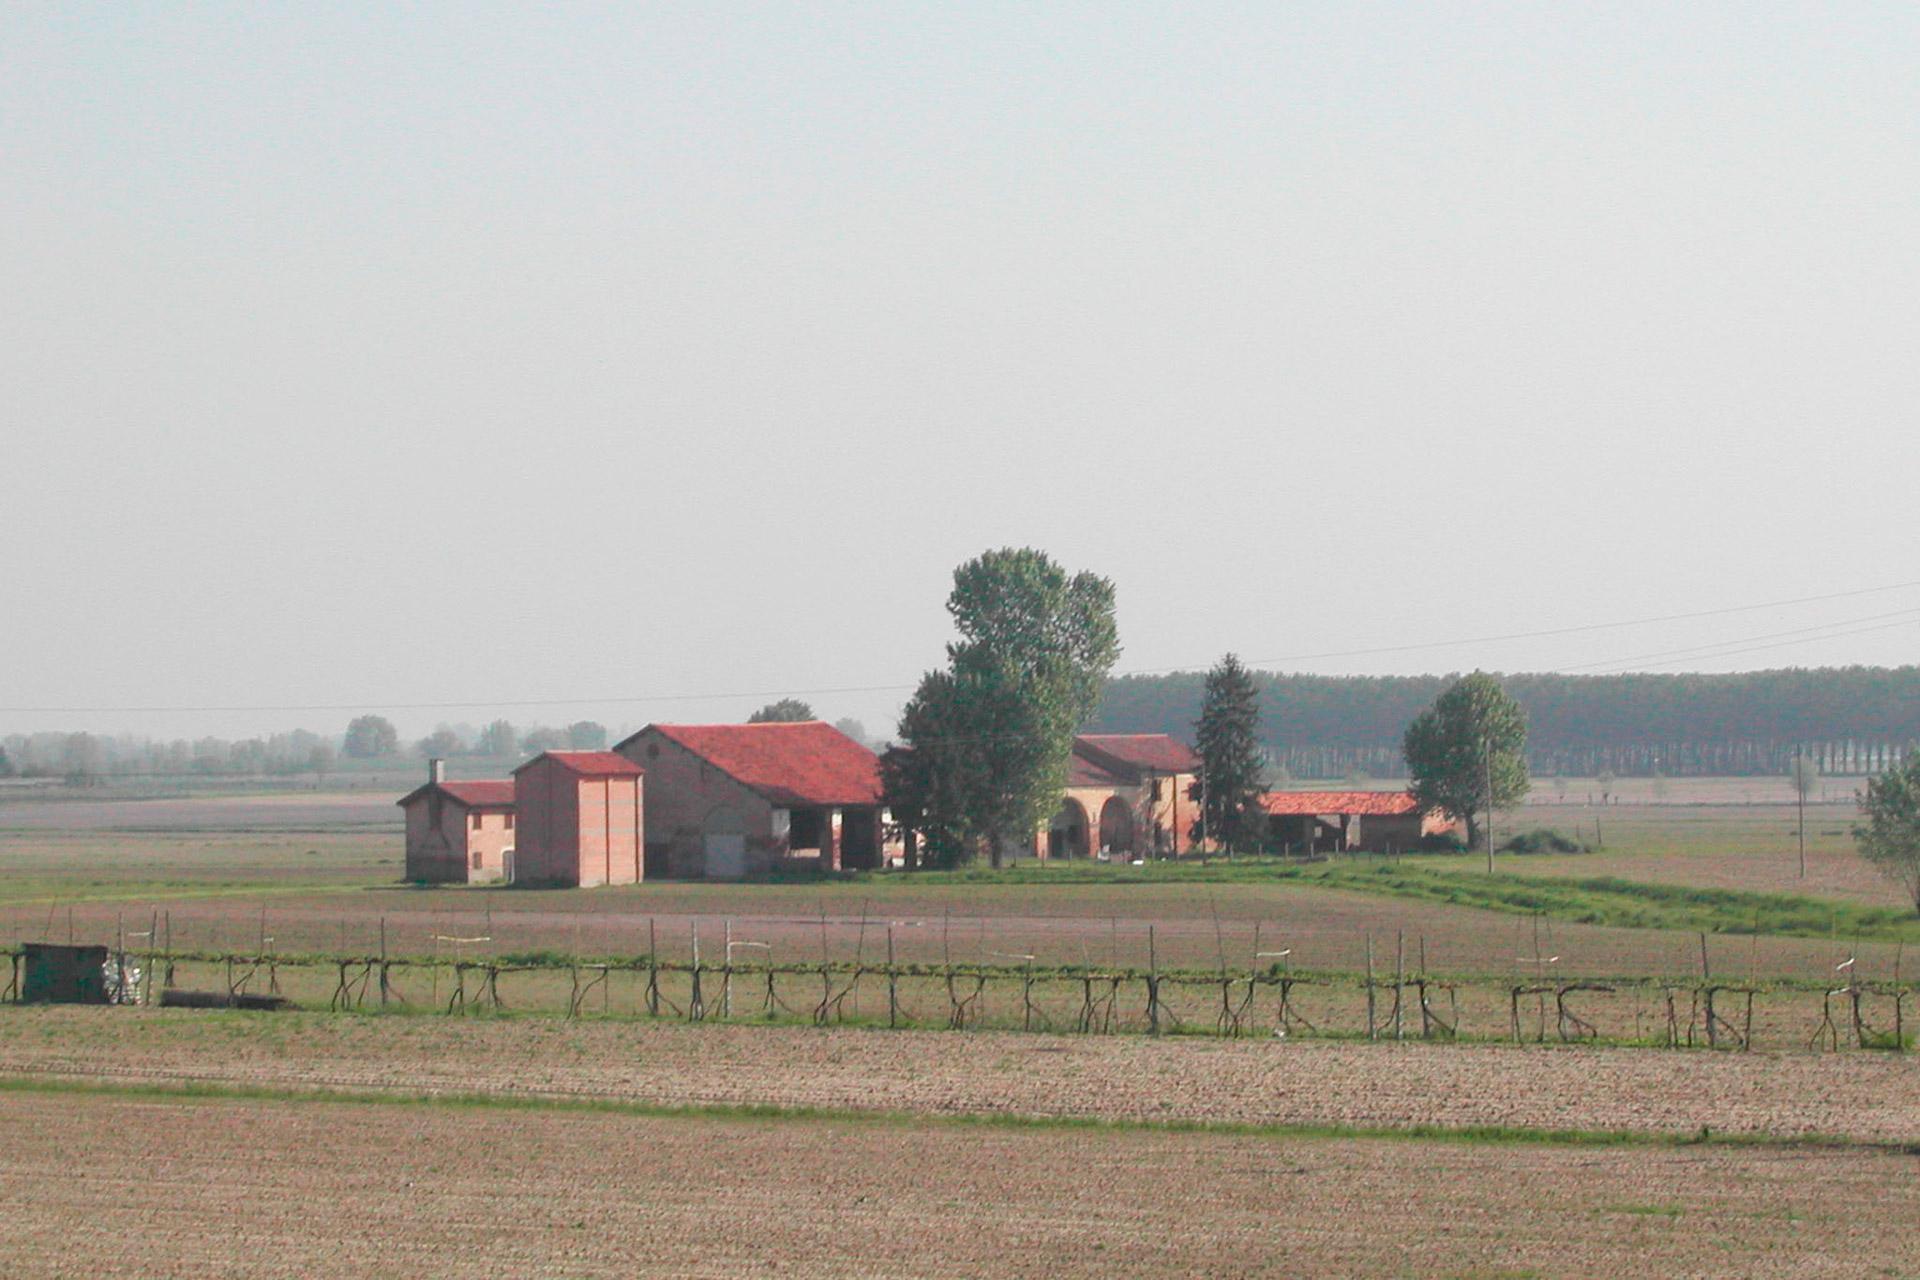 Anguillara Veneta_Edificio rurale con barchessa